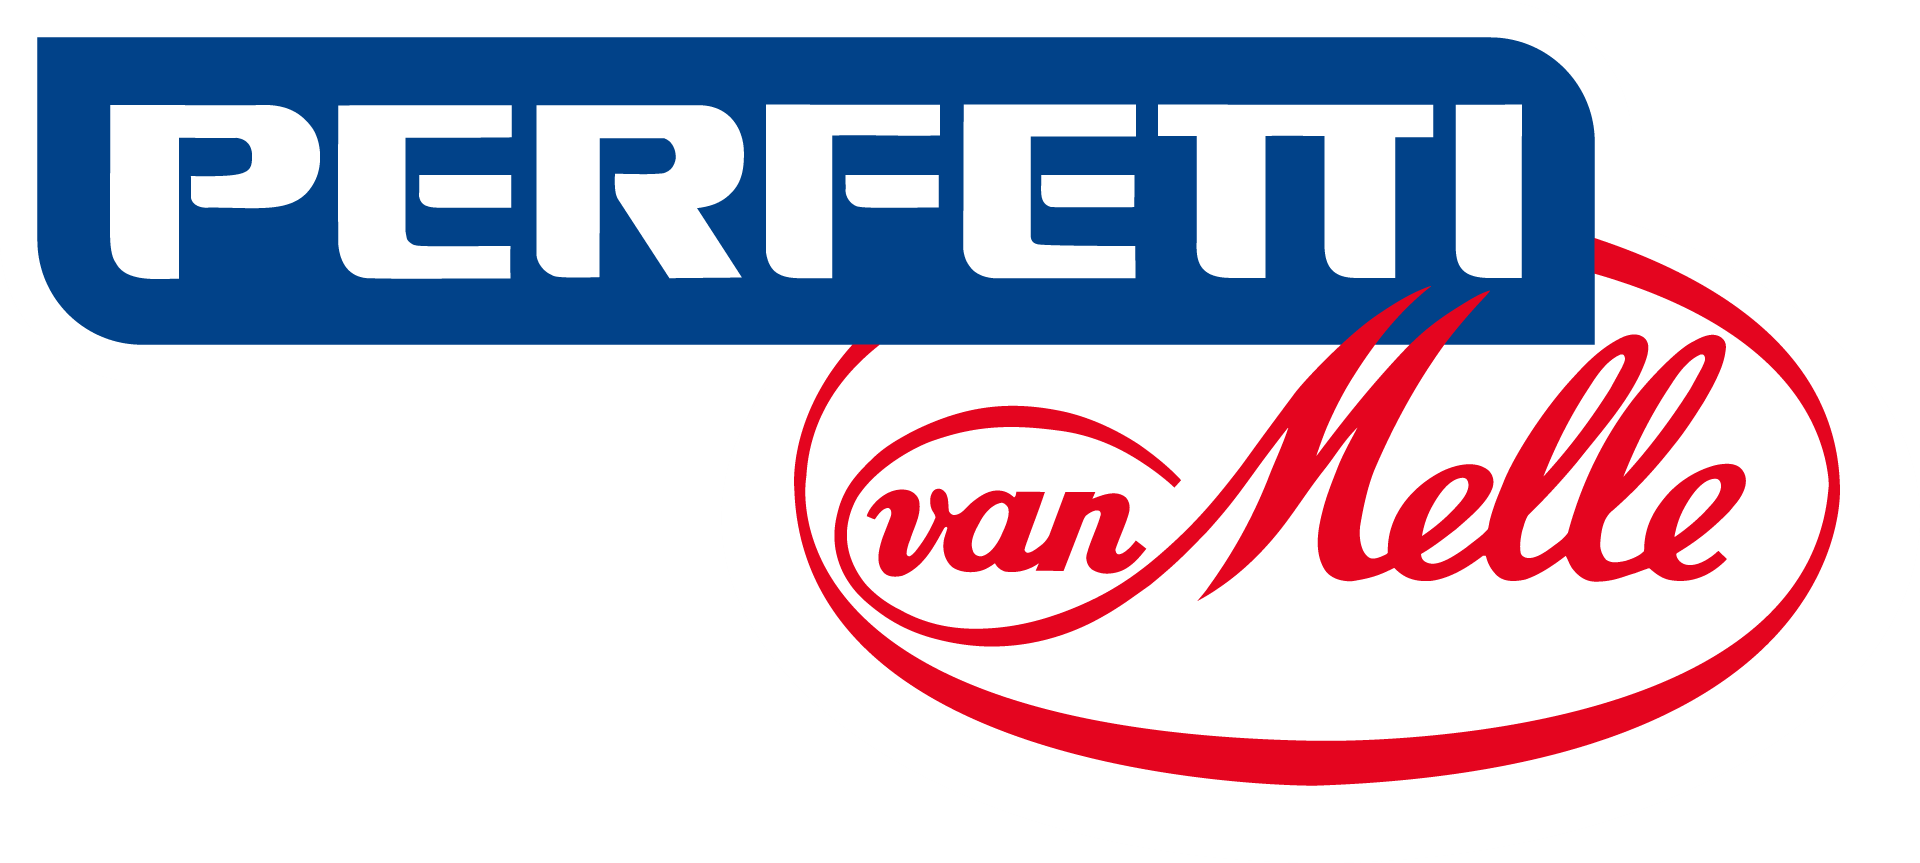 Perfetti Van Melle logo